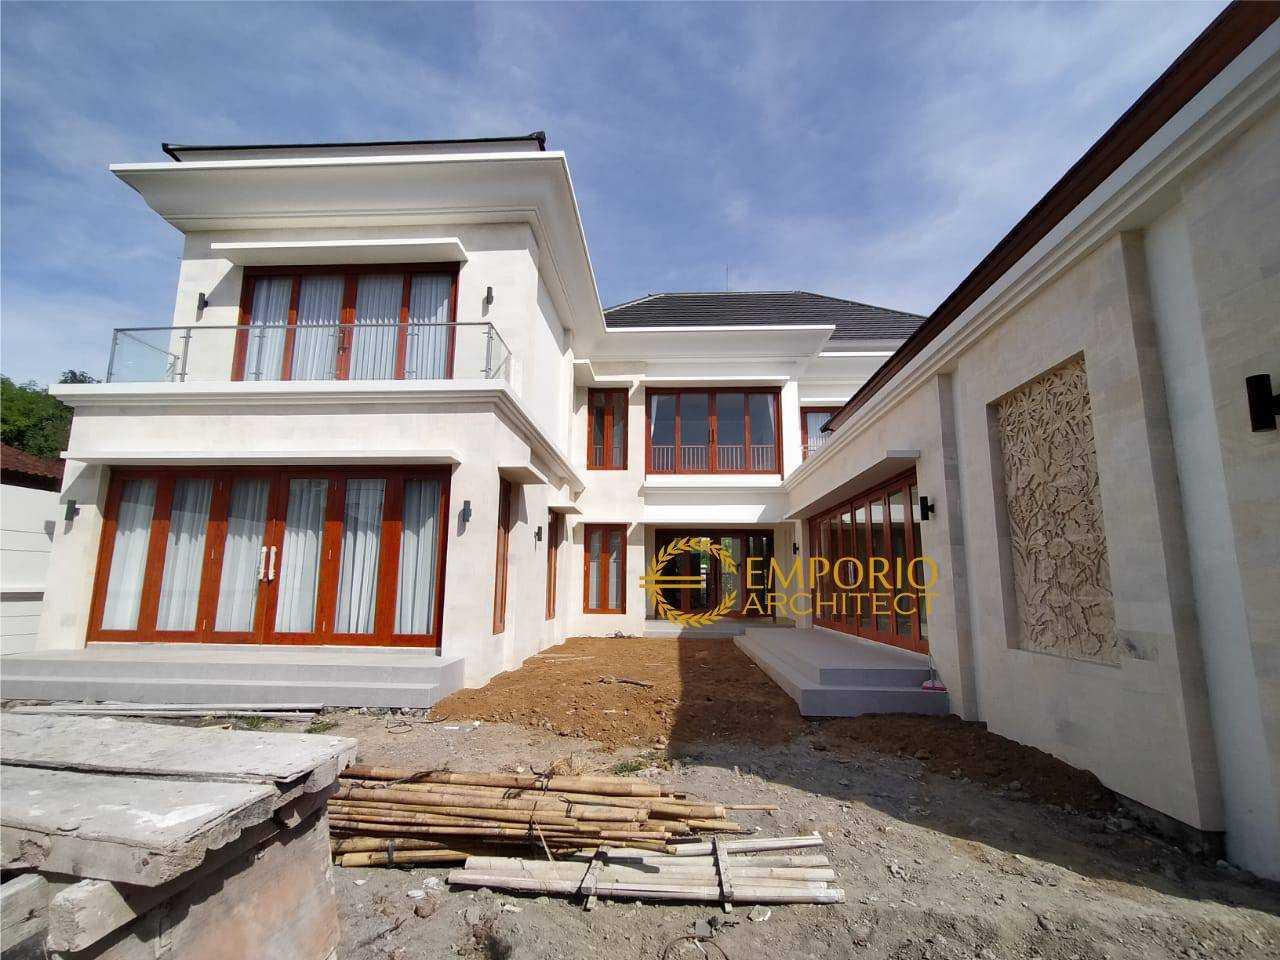 Emporio Architect Jasa Arsitek Denpasar Progress Pembangunan Rumah Villa Bali Tropis 216 @ Denpasar, Bali Kota Denpasar, Bali, Indonesia Kota Denpasar, Bali, Indonesia Emporio-Architect-Jasa-Arsitek-Denpasar-Progress-Pembangunan-Rumah-Villa-Bali-Tropis-216-Denpasar-Bali   91135